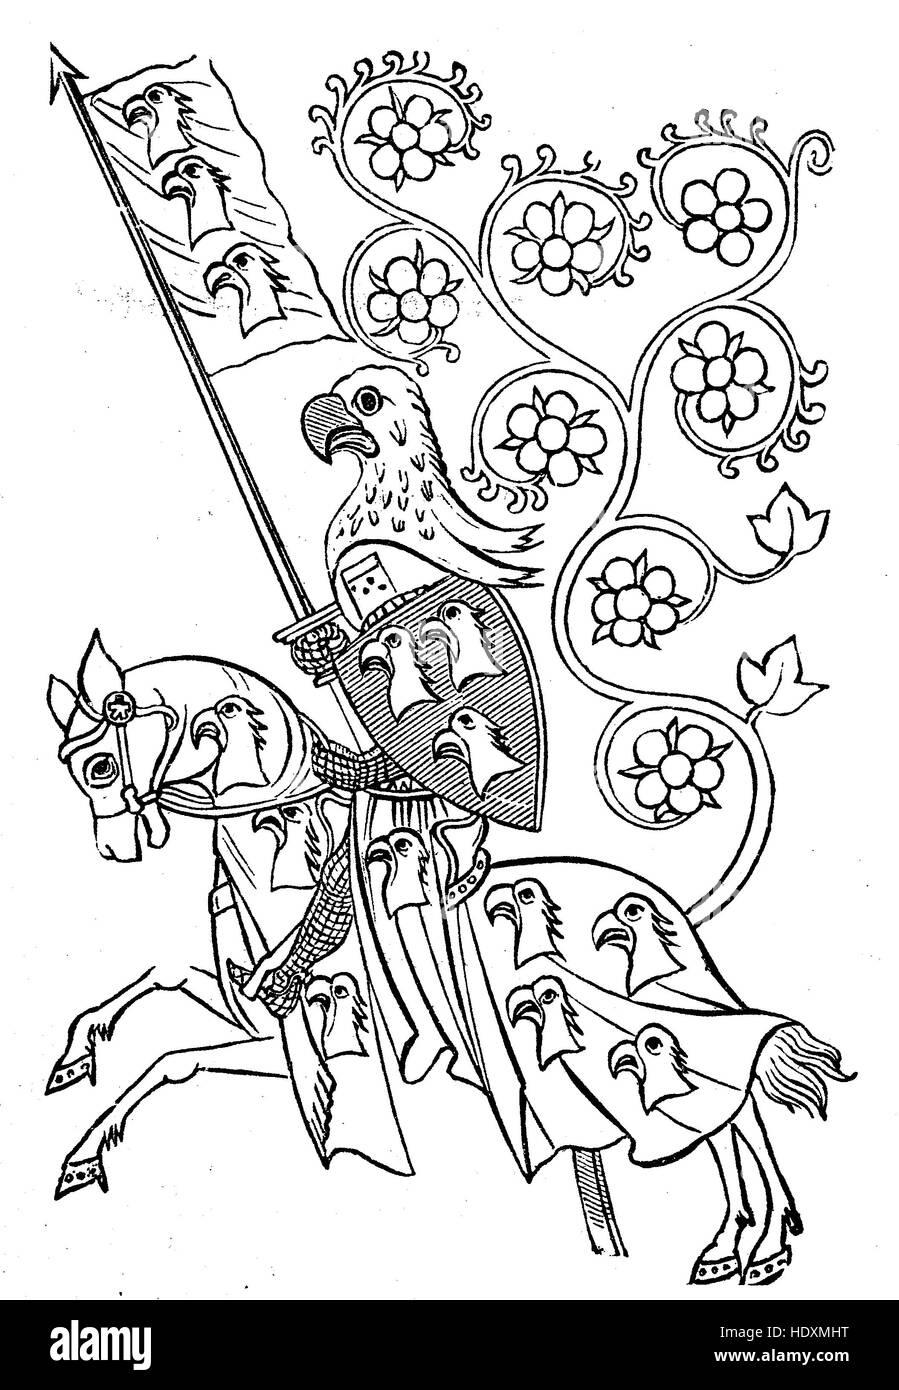 Portrait of Hartmann von Aue from the Codex Manesse, Miniatur der Maniessischen Liederhandschrift zu den Liedern - Stock Image